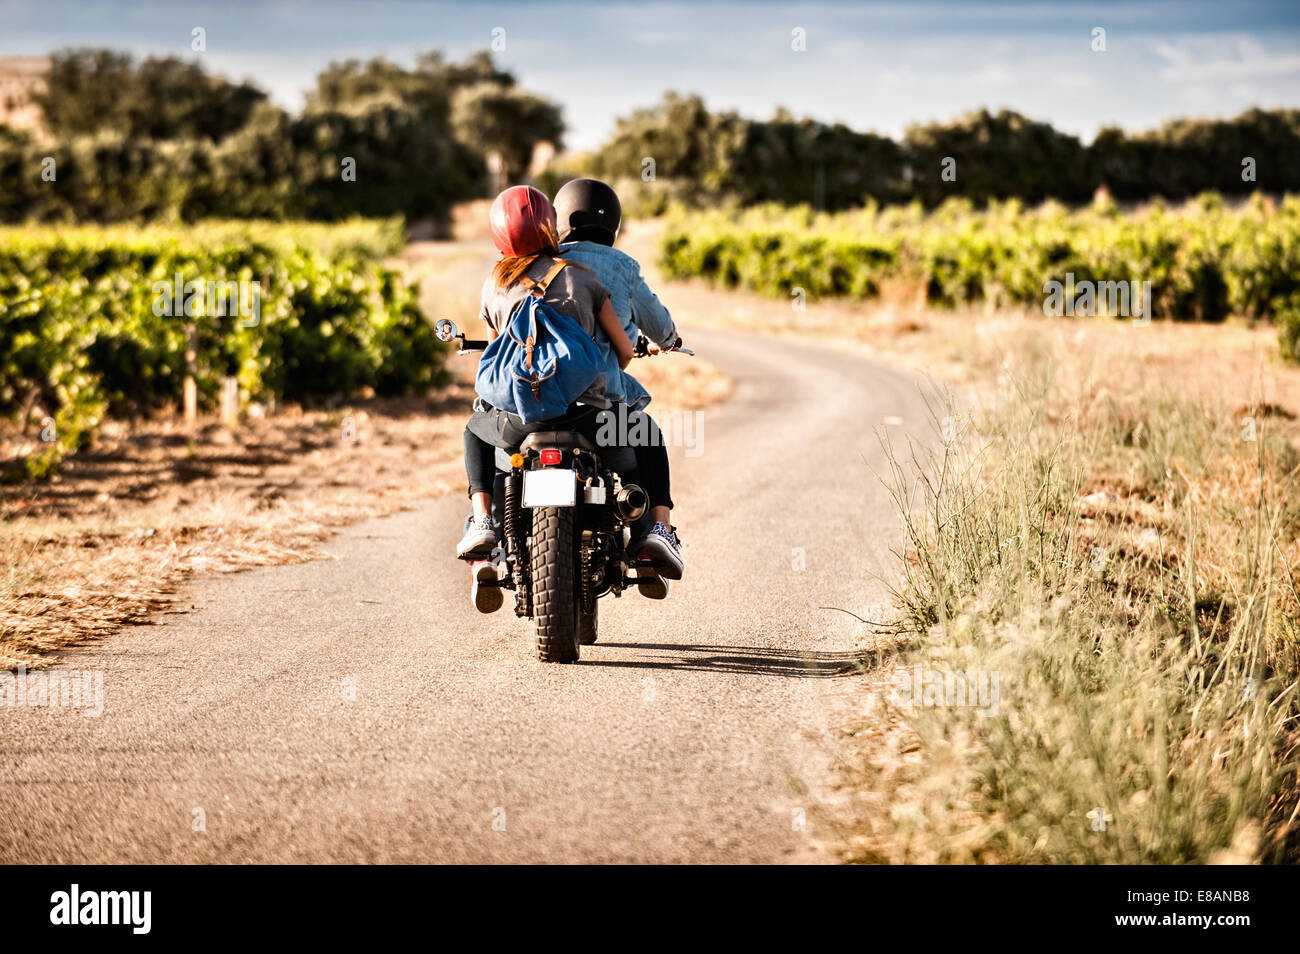 Vista trasera del adulto medio par riding moto por sinuosos caminos rurales, Cagliari, Cerdeña, Italia Imagen De Stock